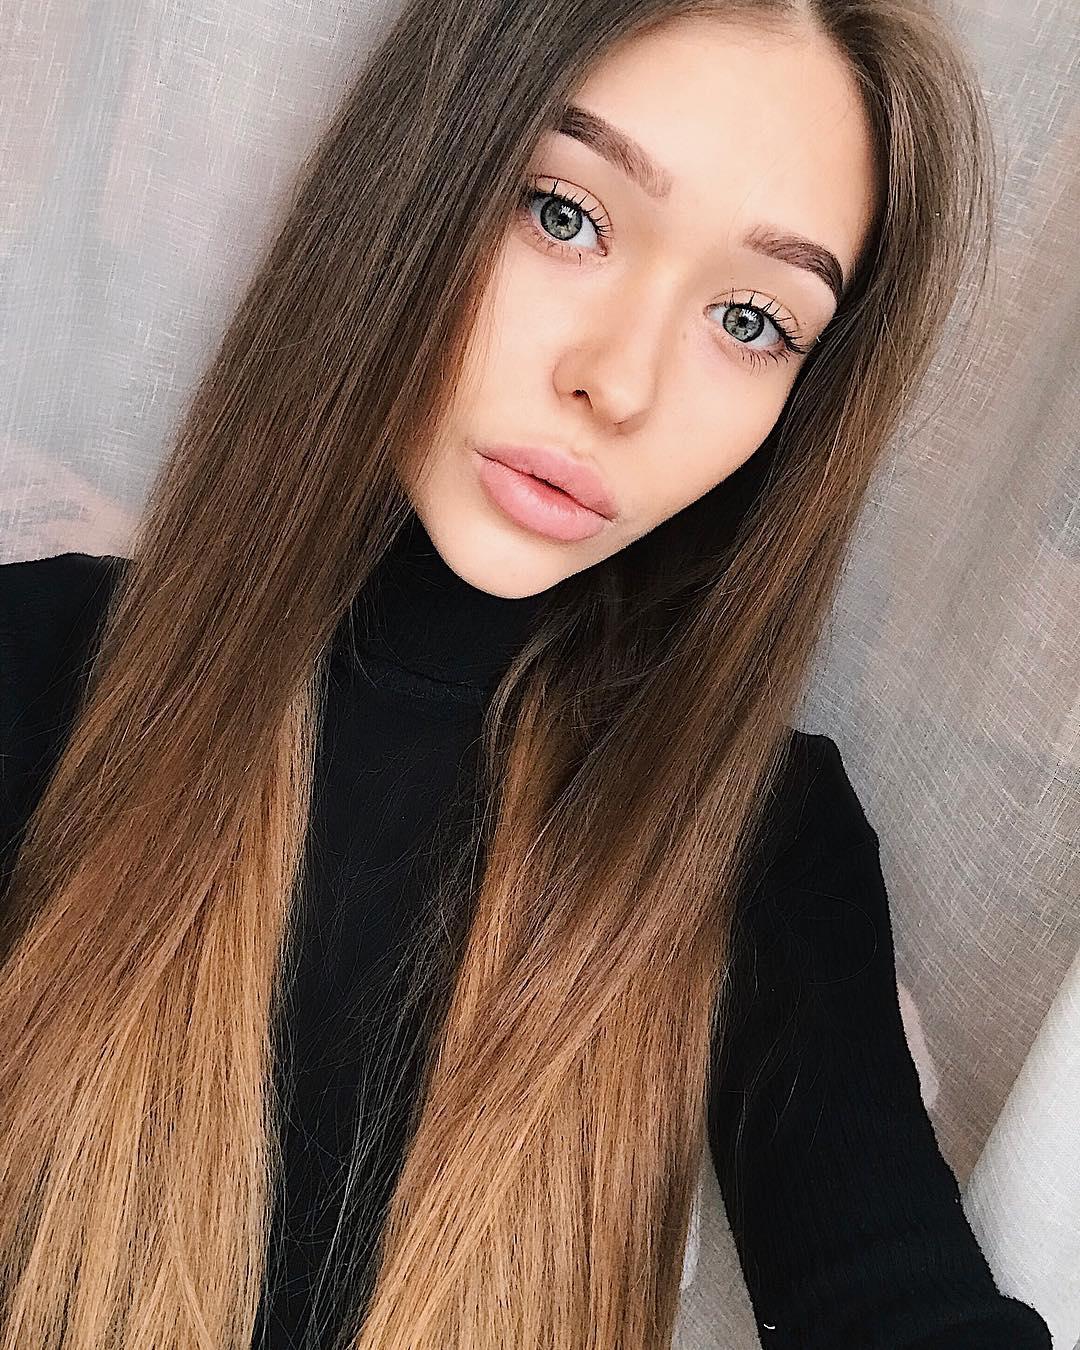 Anna-Shlomenko-Wallpapers-Insta-Fit-Bio-3